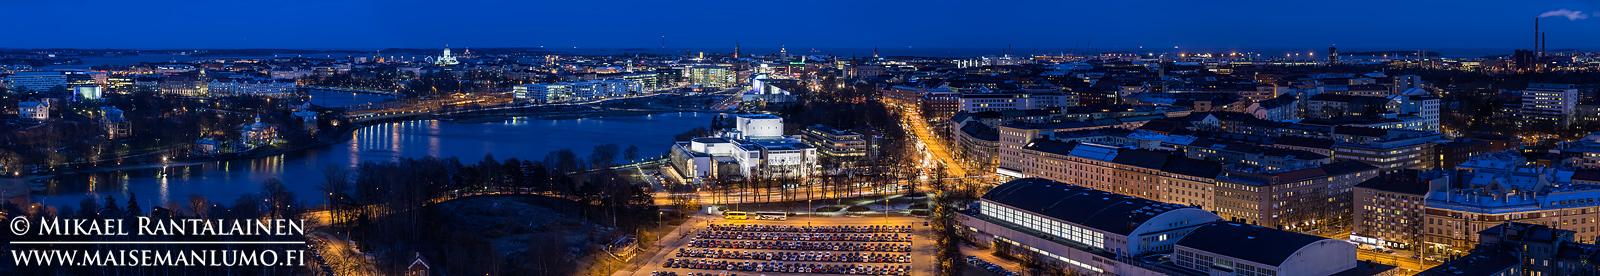 Panoraama Olympiastadionin tornista, Helsinki (viiden vaakakuvan panoraama, kuvattu jalustalta mutta ilman panoraamapäätä)